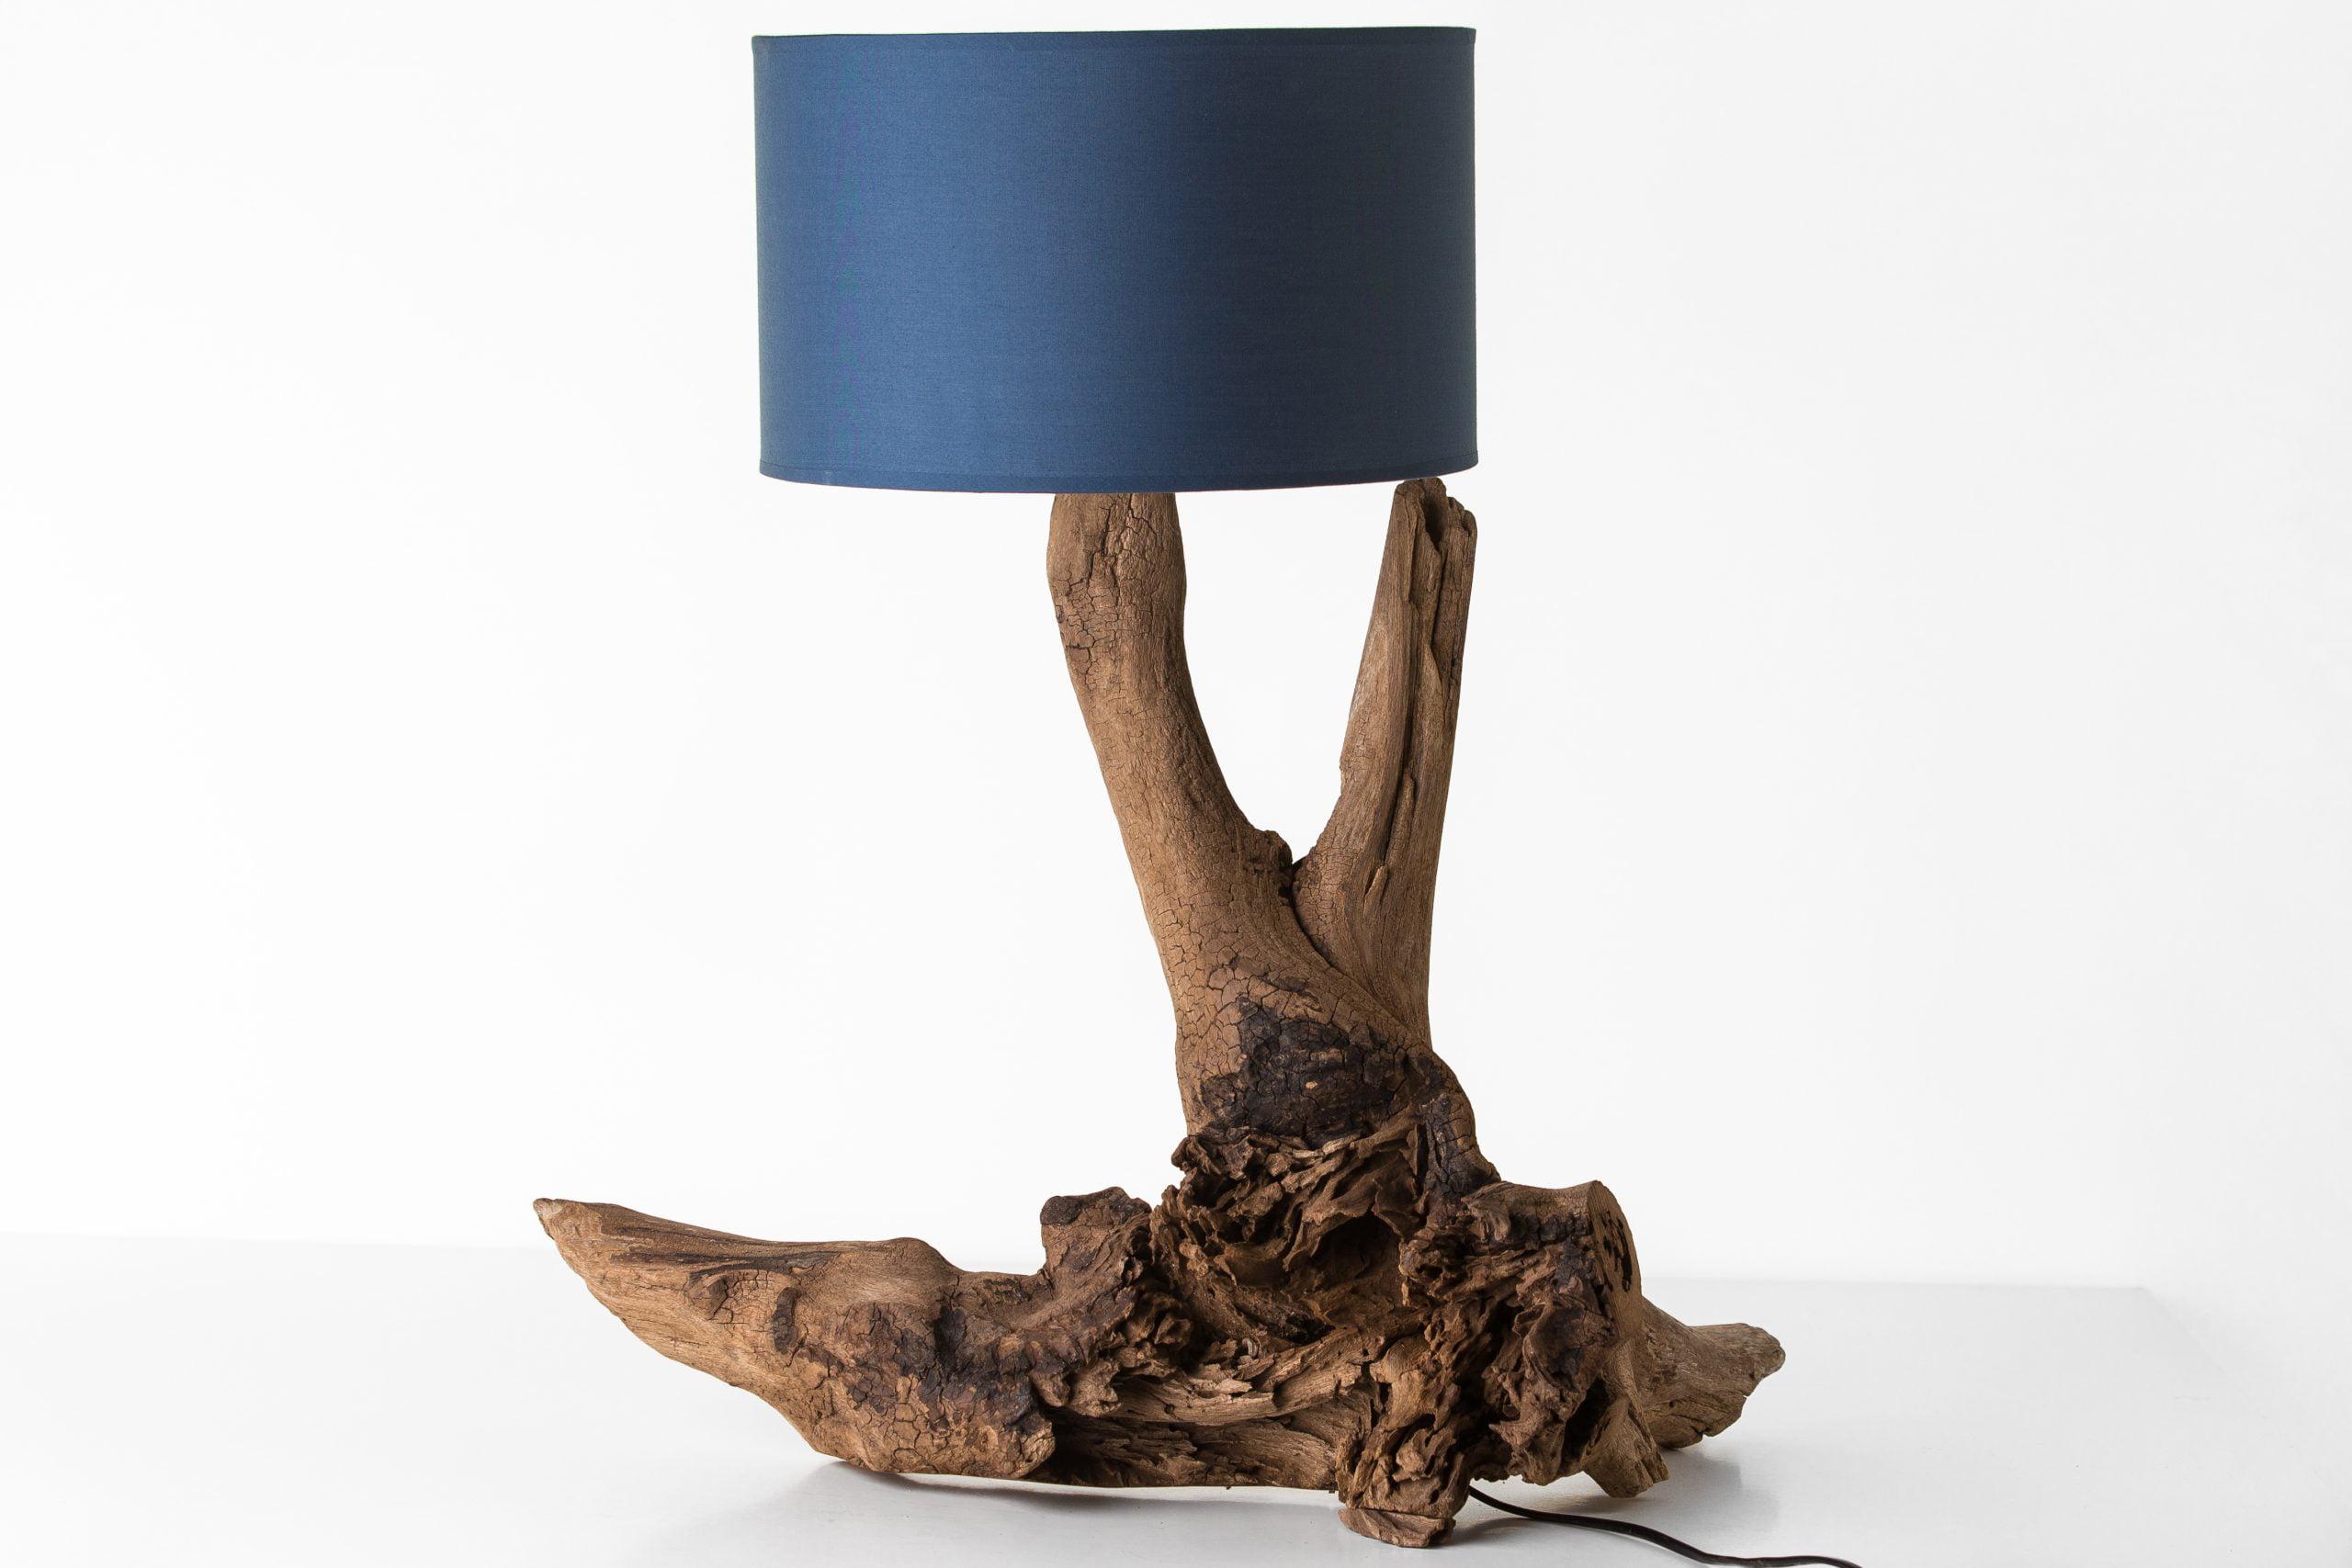 Stehlampe Wuaznsepp